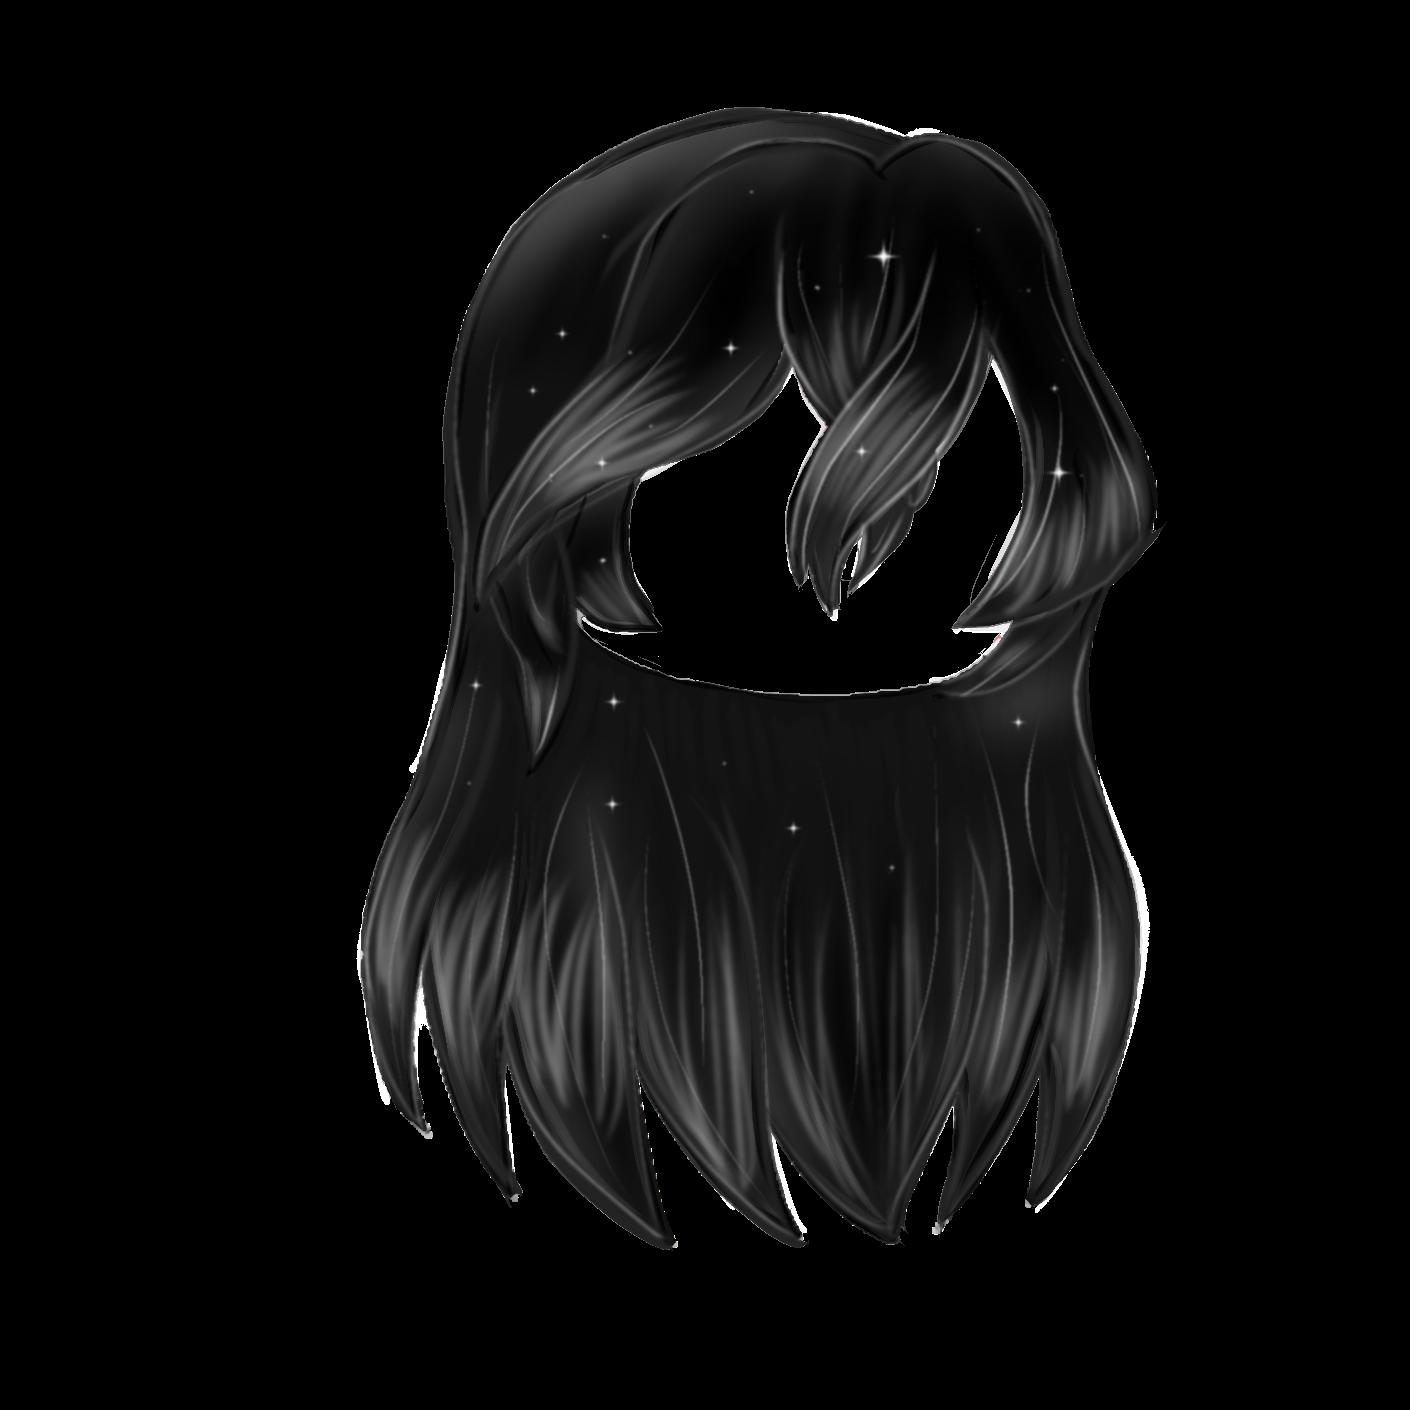 Gachalife Gachaedit Gachalifedit Gachahair Yumiko Sakaki Chibi Hair Girl Hair Drawing Drawing Anime Clothes